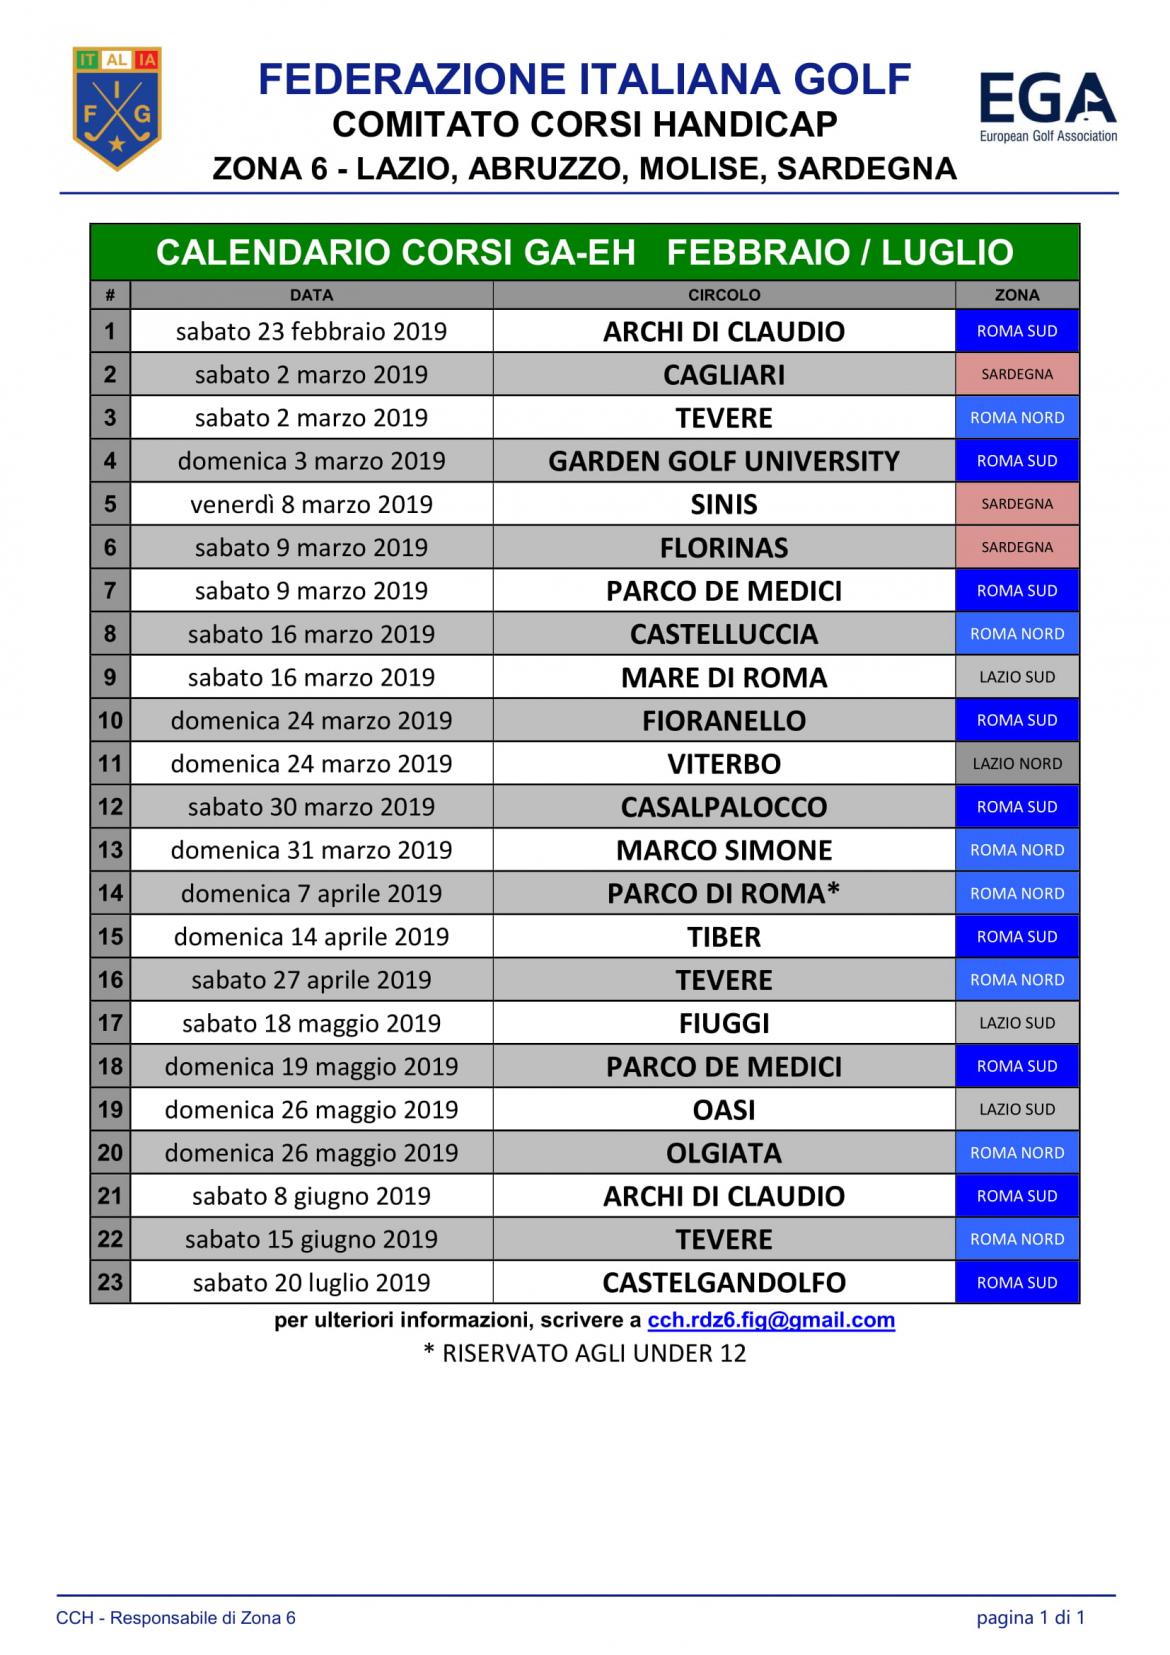 Calendario Corsi.Calendario Corsi Ga Eh 2019 Zona 6 Agg 6 Marzo 1 Mare Di